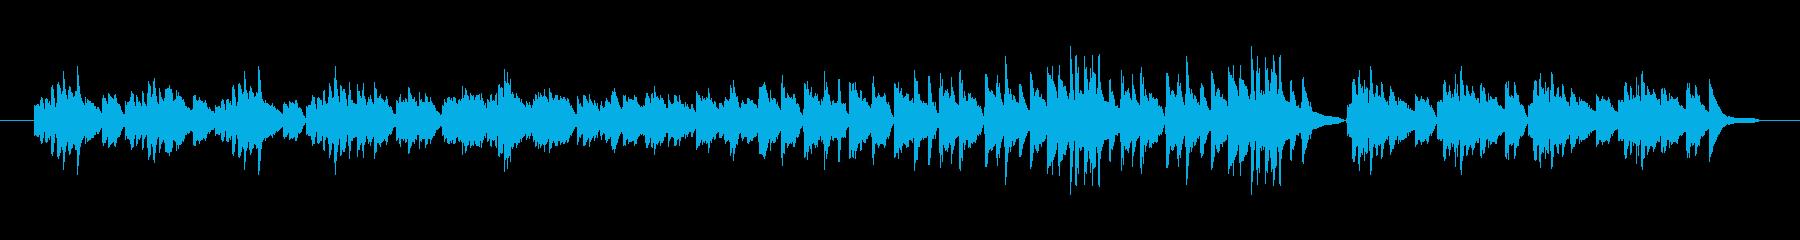 切なさが溢れるピアノバラード曲です。シ…の再生済みの波形